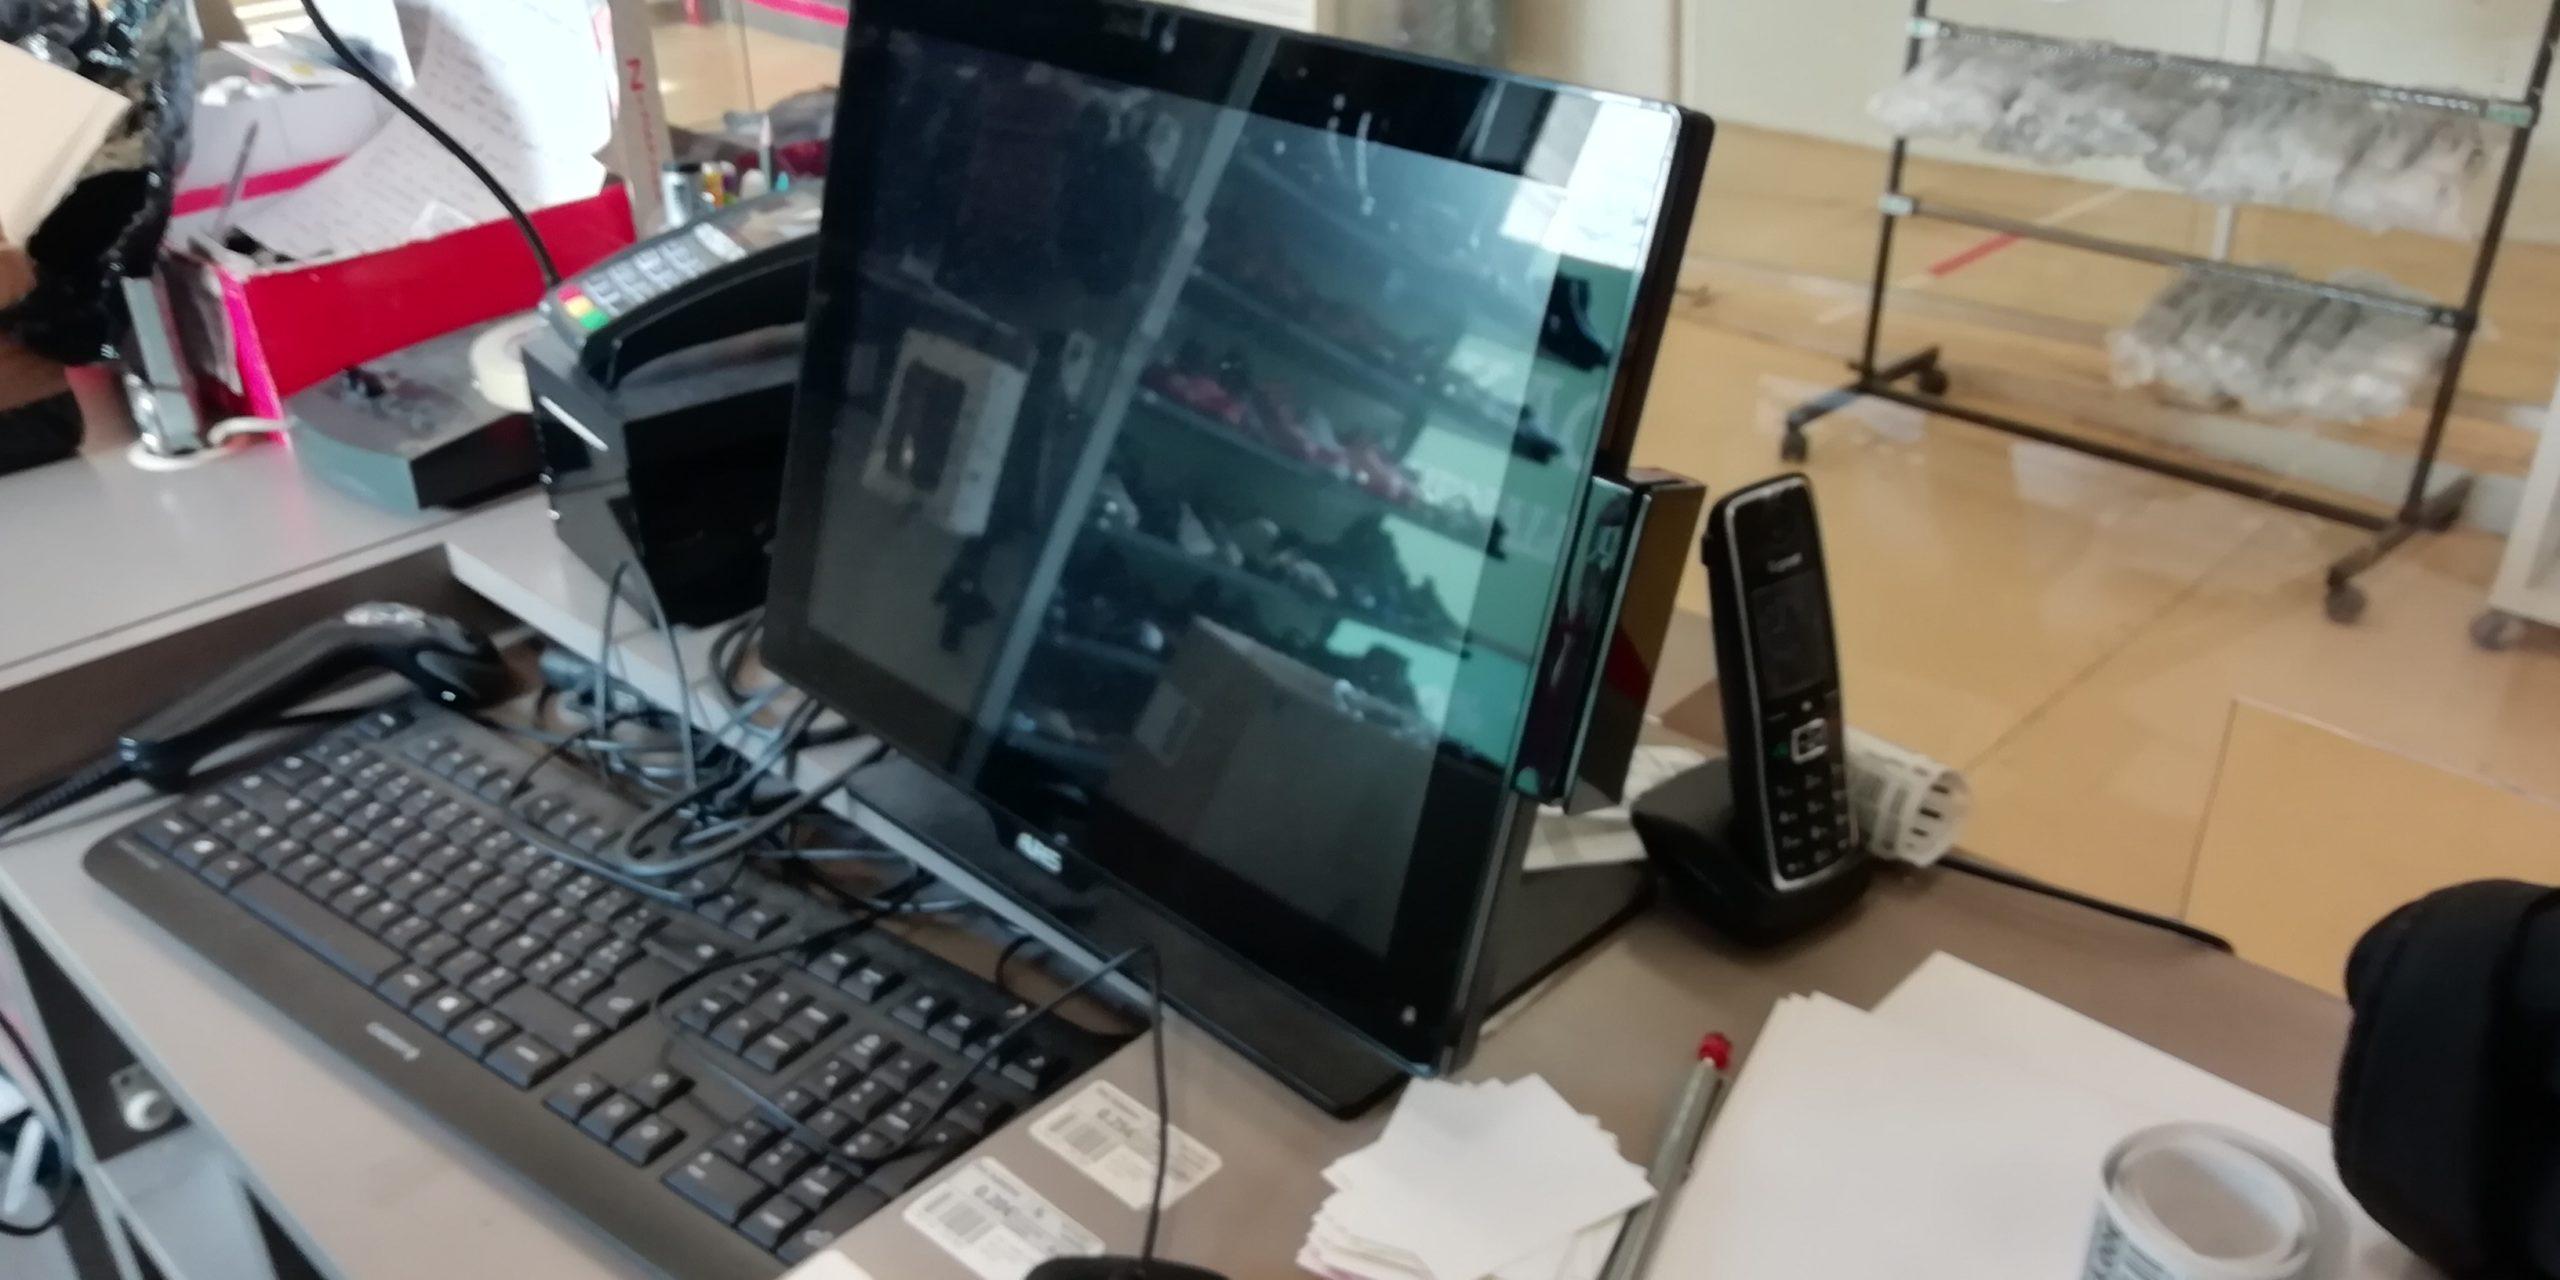 Dépannage informatique sur 3 caisses dans un commerce à Rouen 76000